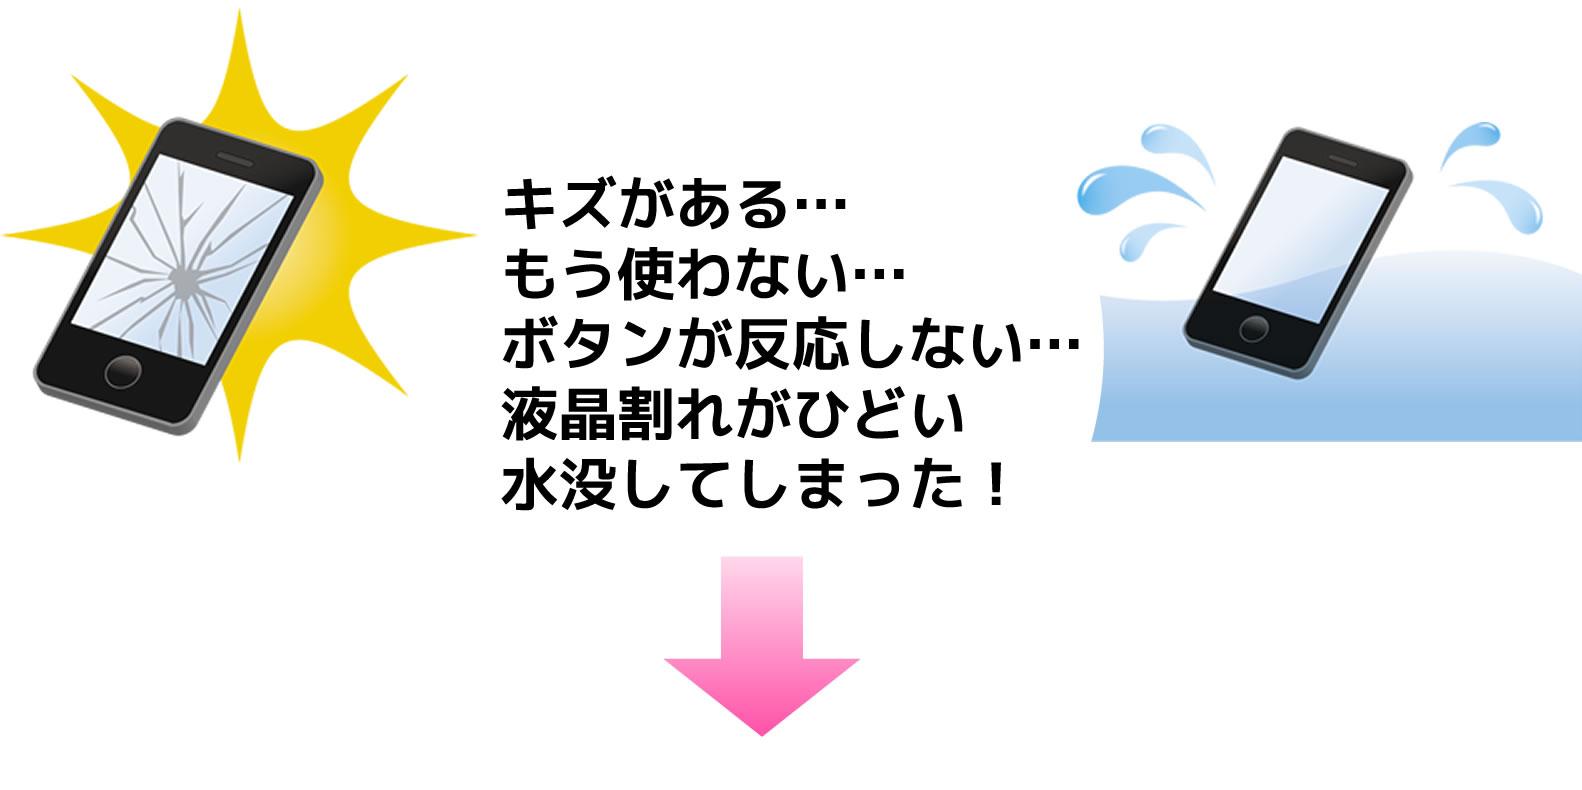 関西トレンド書店 携帯電話買取 iphone買取 ipad買取 深夜 大阪府 和歌山市 24時間営業